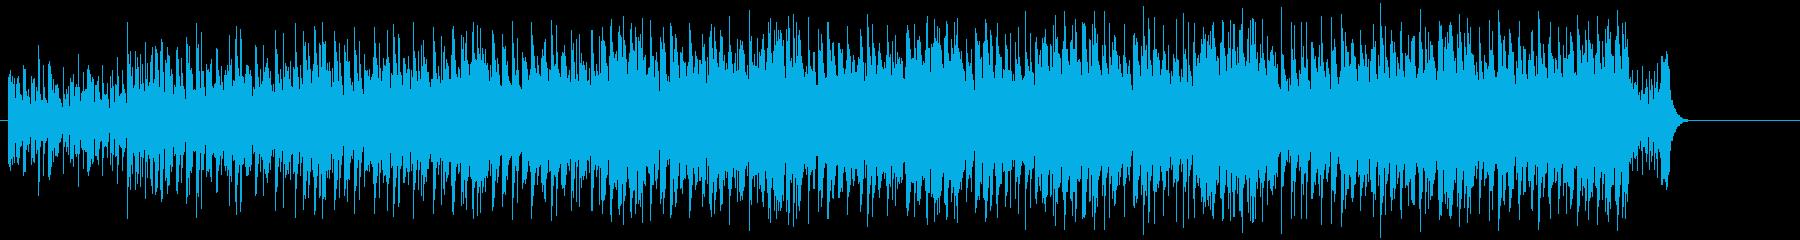 ダンサブルビートのエレクトロポップの再生済みの波形